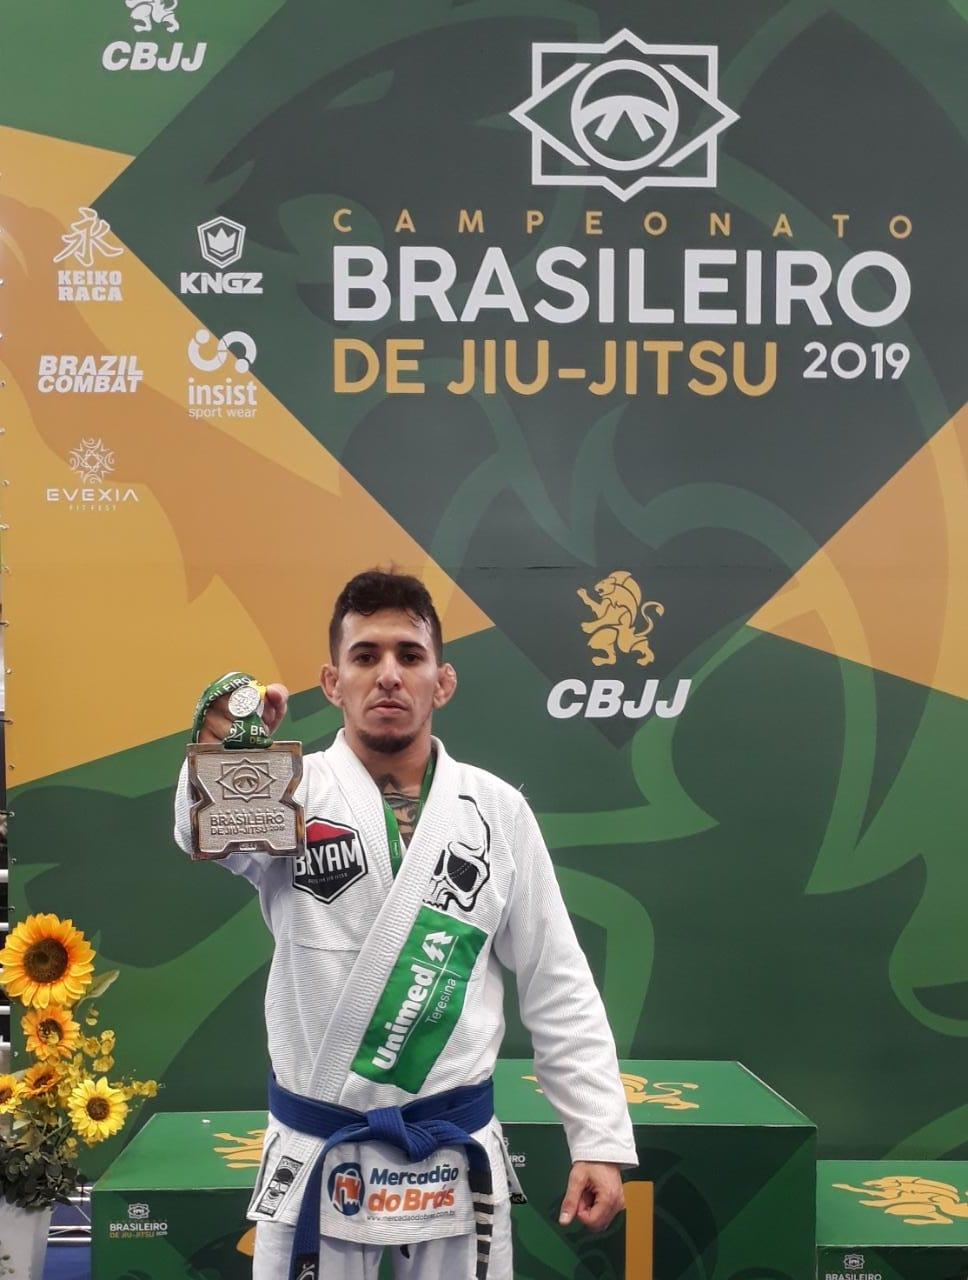 Bryam Lima levou a prata no Campeonato Brasileiro de Jiu-Jitsu no início de maio, em São Paulo